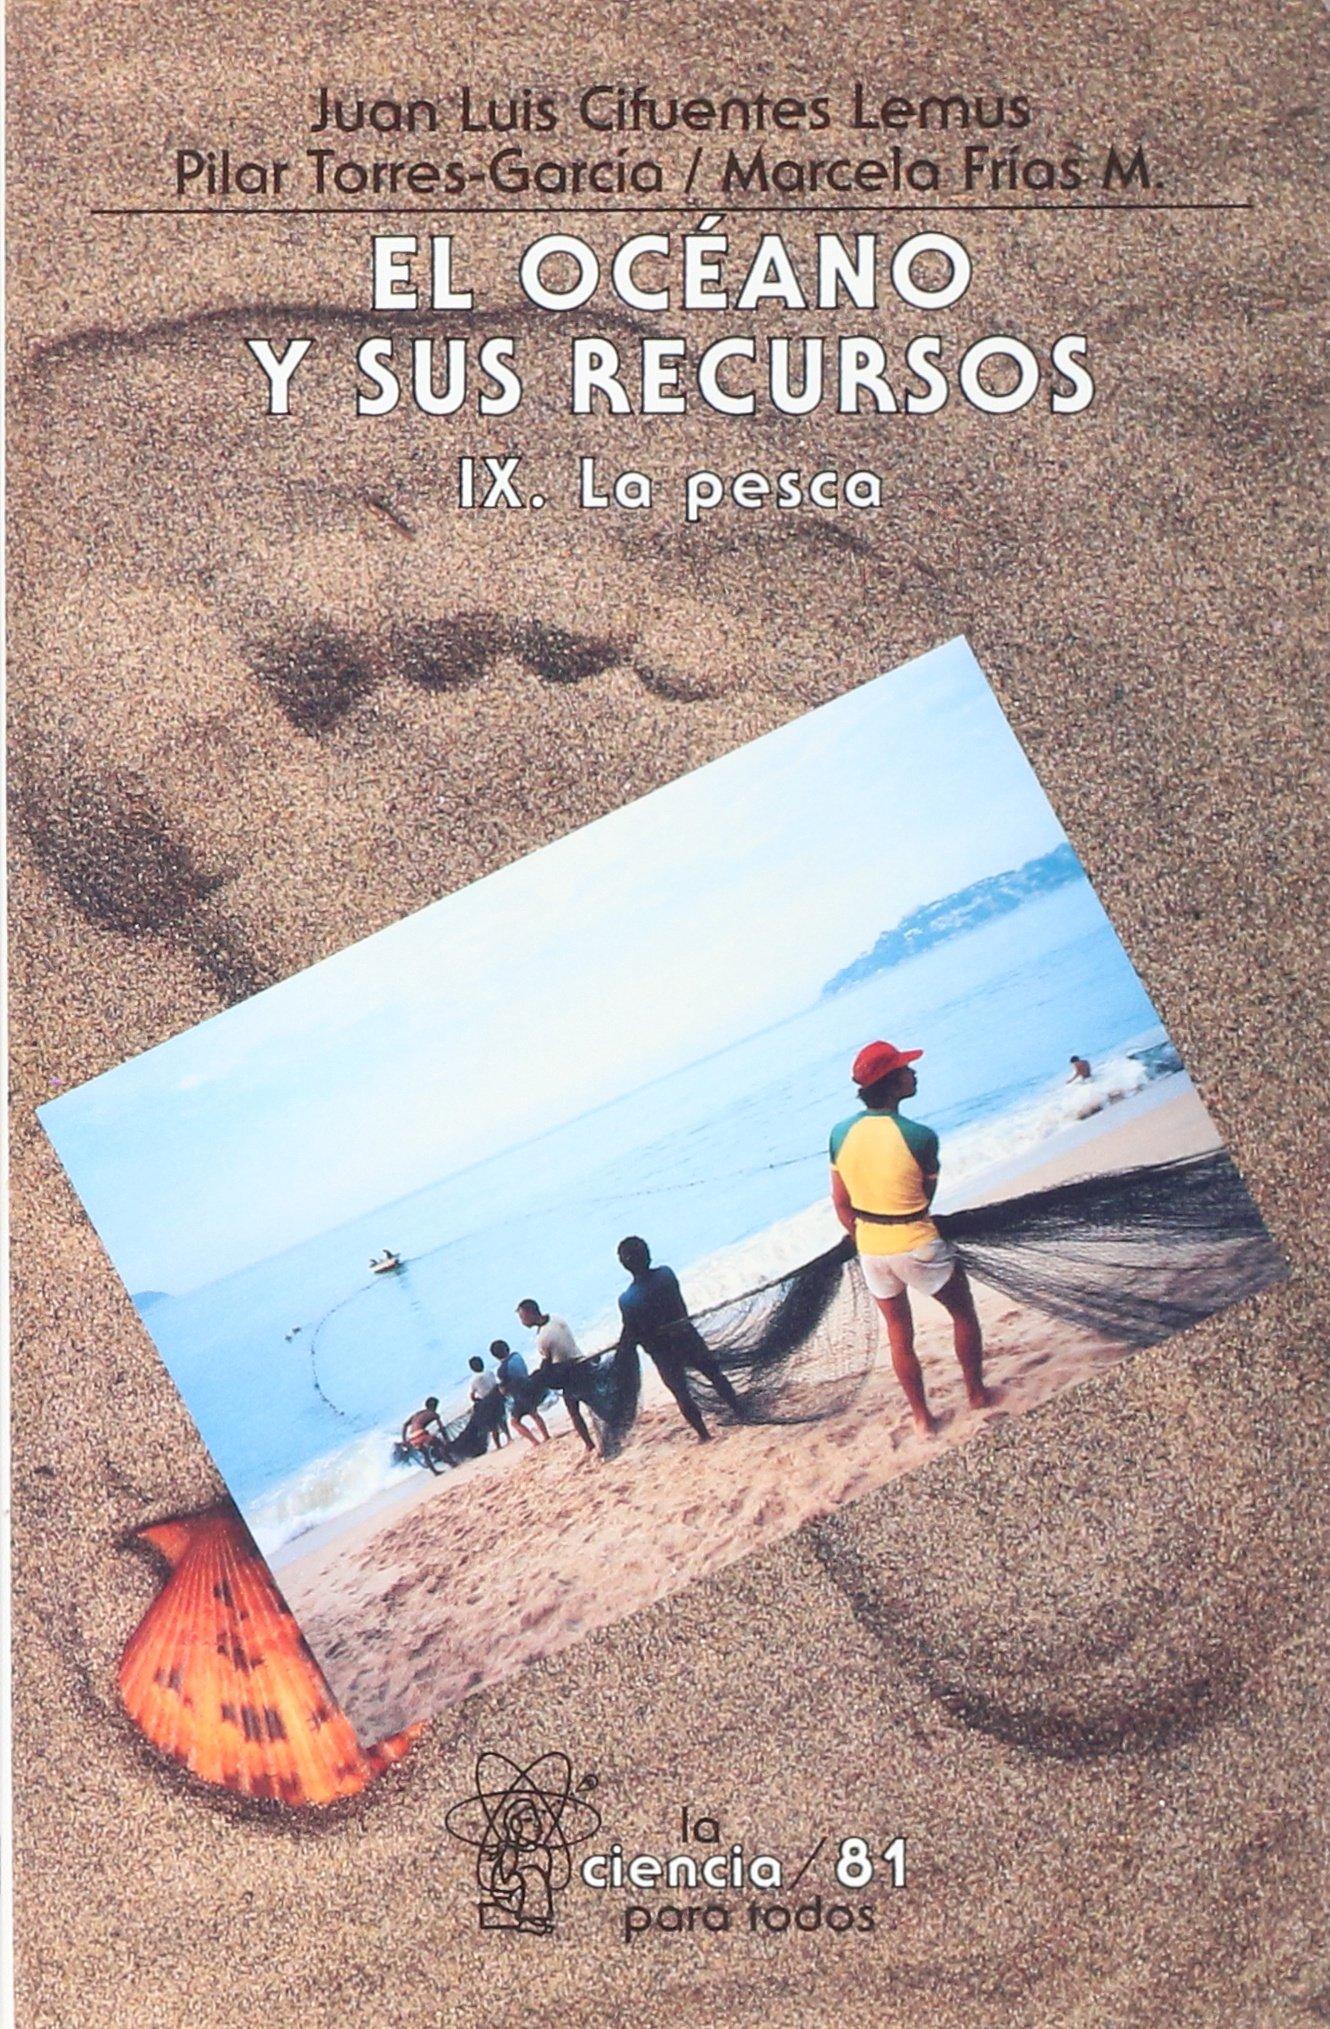 El oceano y sus recursos, IX. La pesca (Spanish Edition) pdf epub